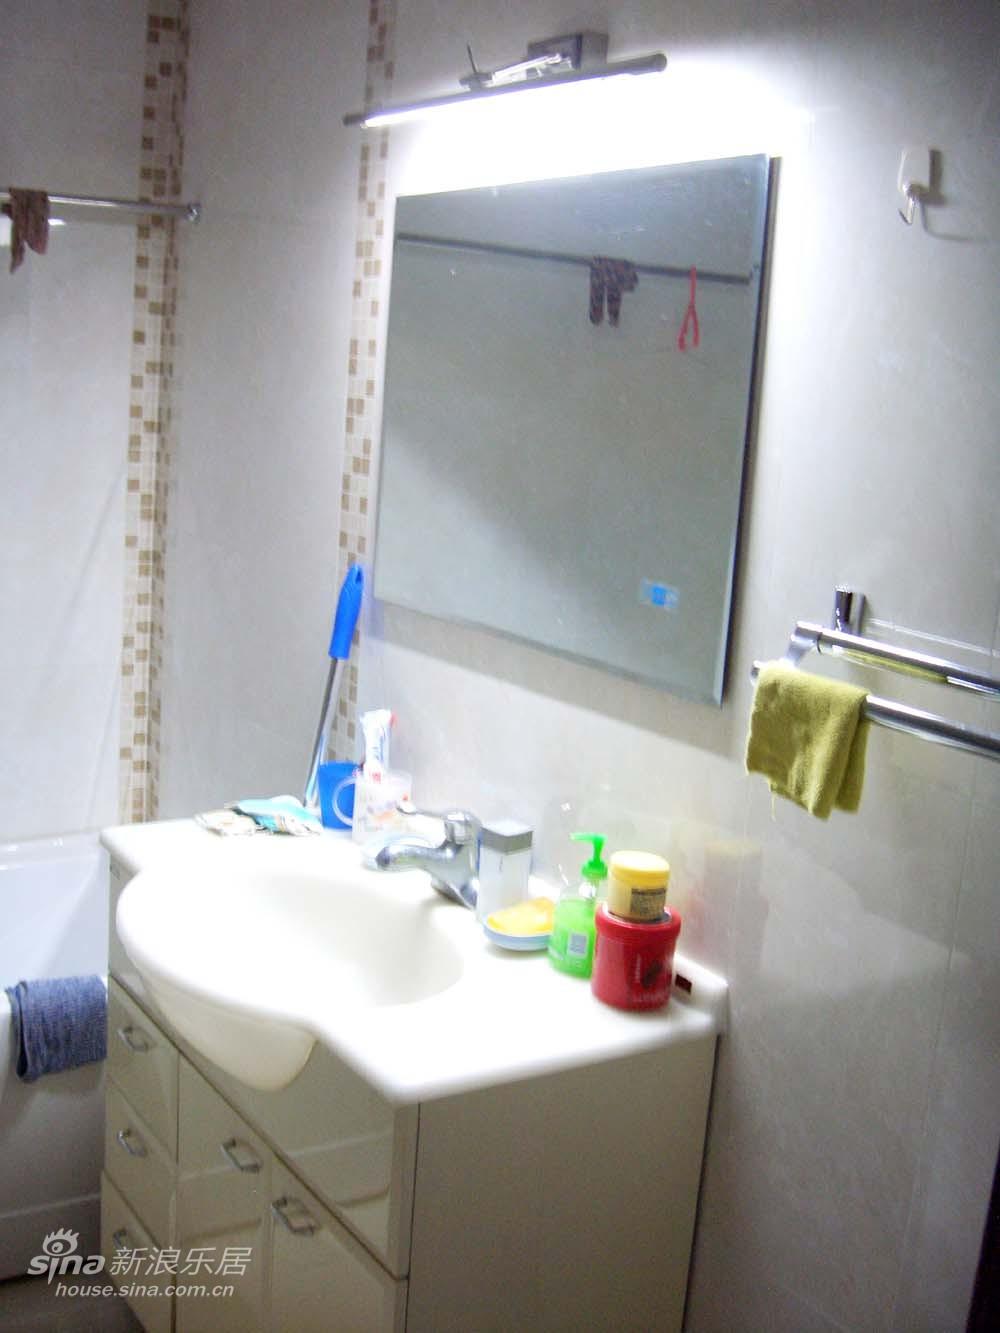 其他 别墅 卫生间图片来自用户2558757937在6招巧改新房格局87的分享